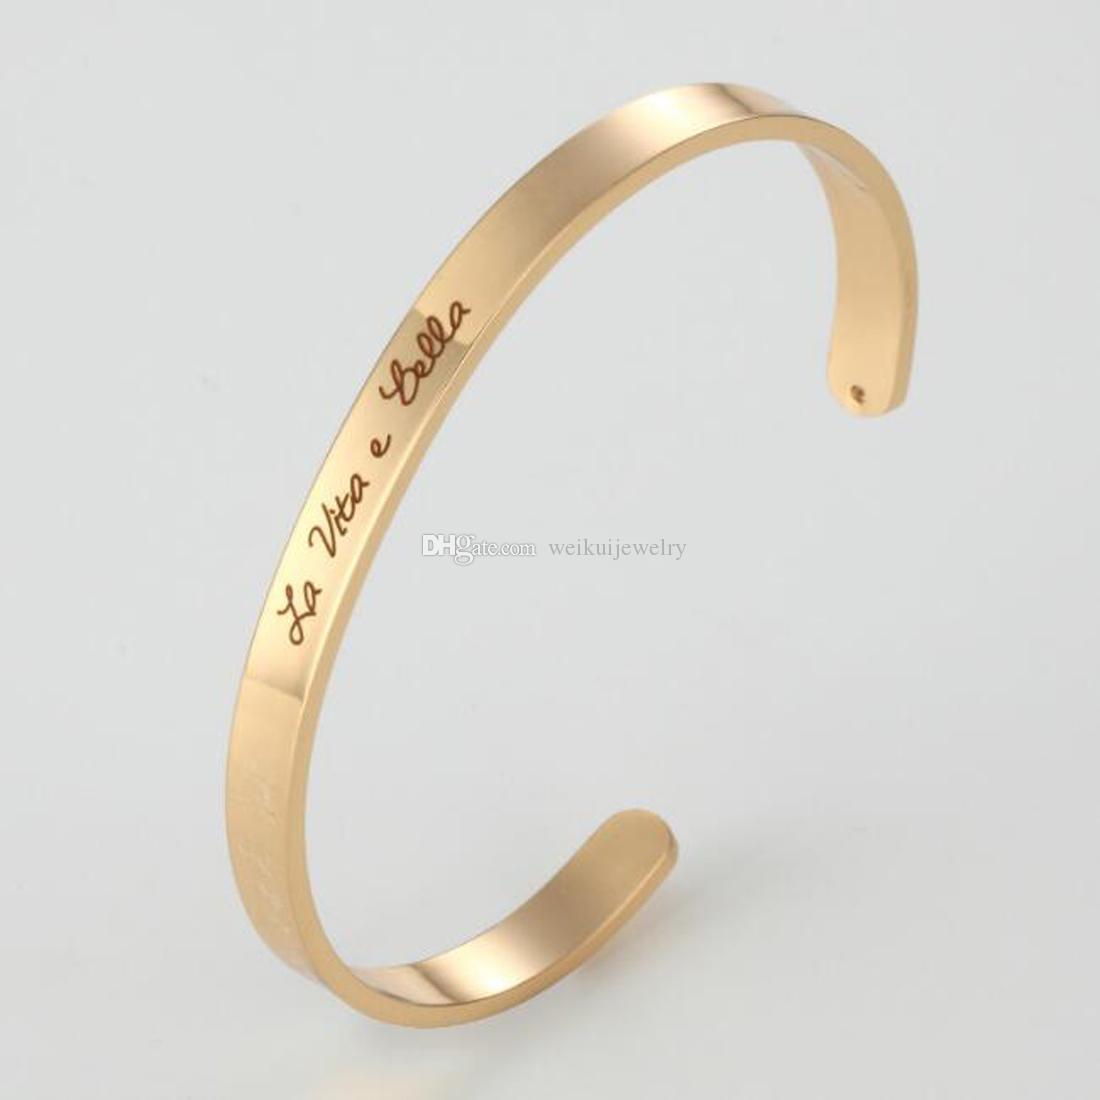 Brazalete de acero inoxidable Brazalete de brazalete Regalos inspiradores para brazaletes de brazaletes de pareja / mujer / hombre ¡El mejor regalo!